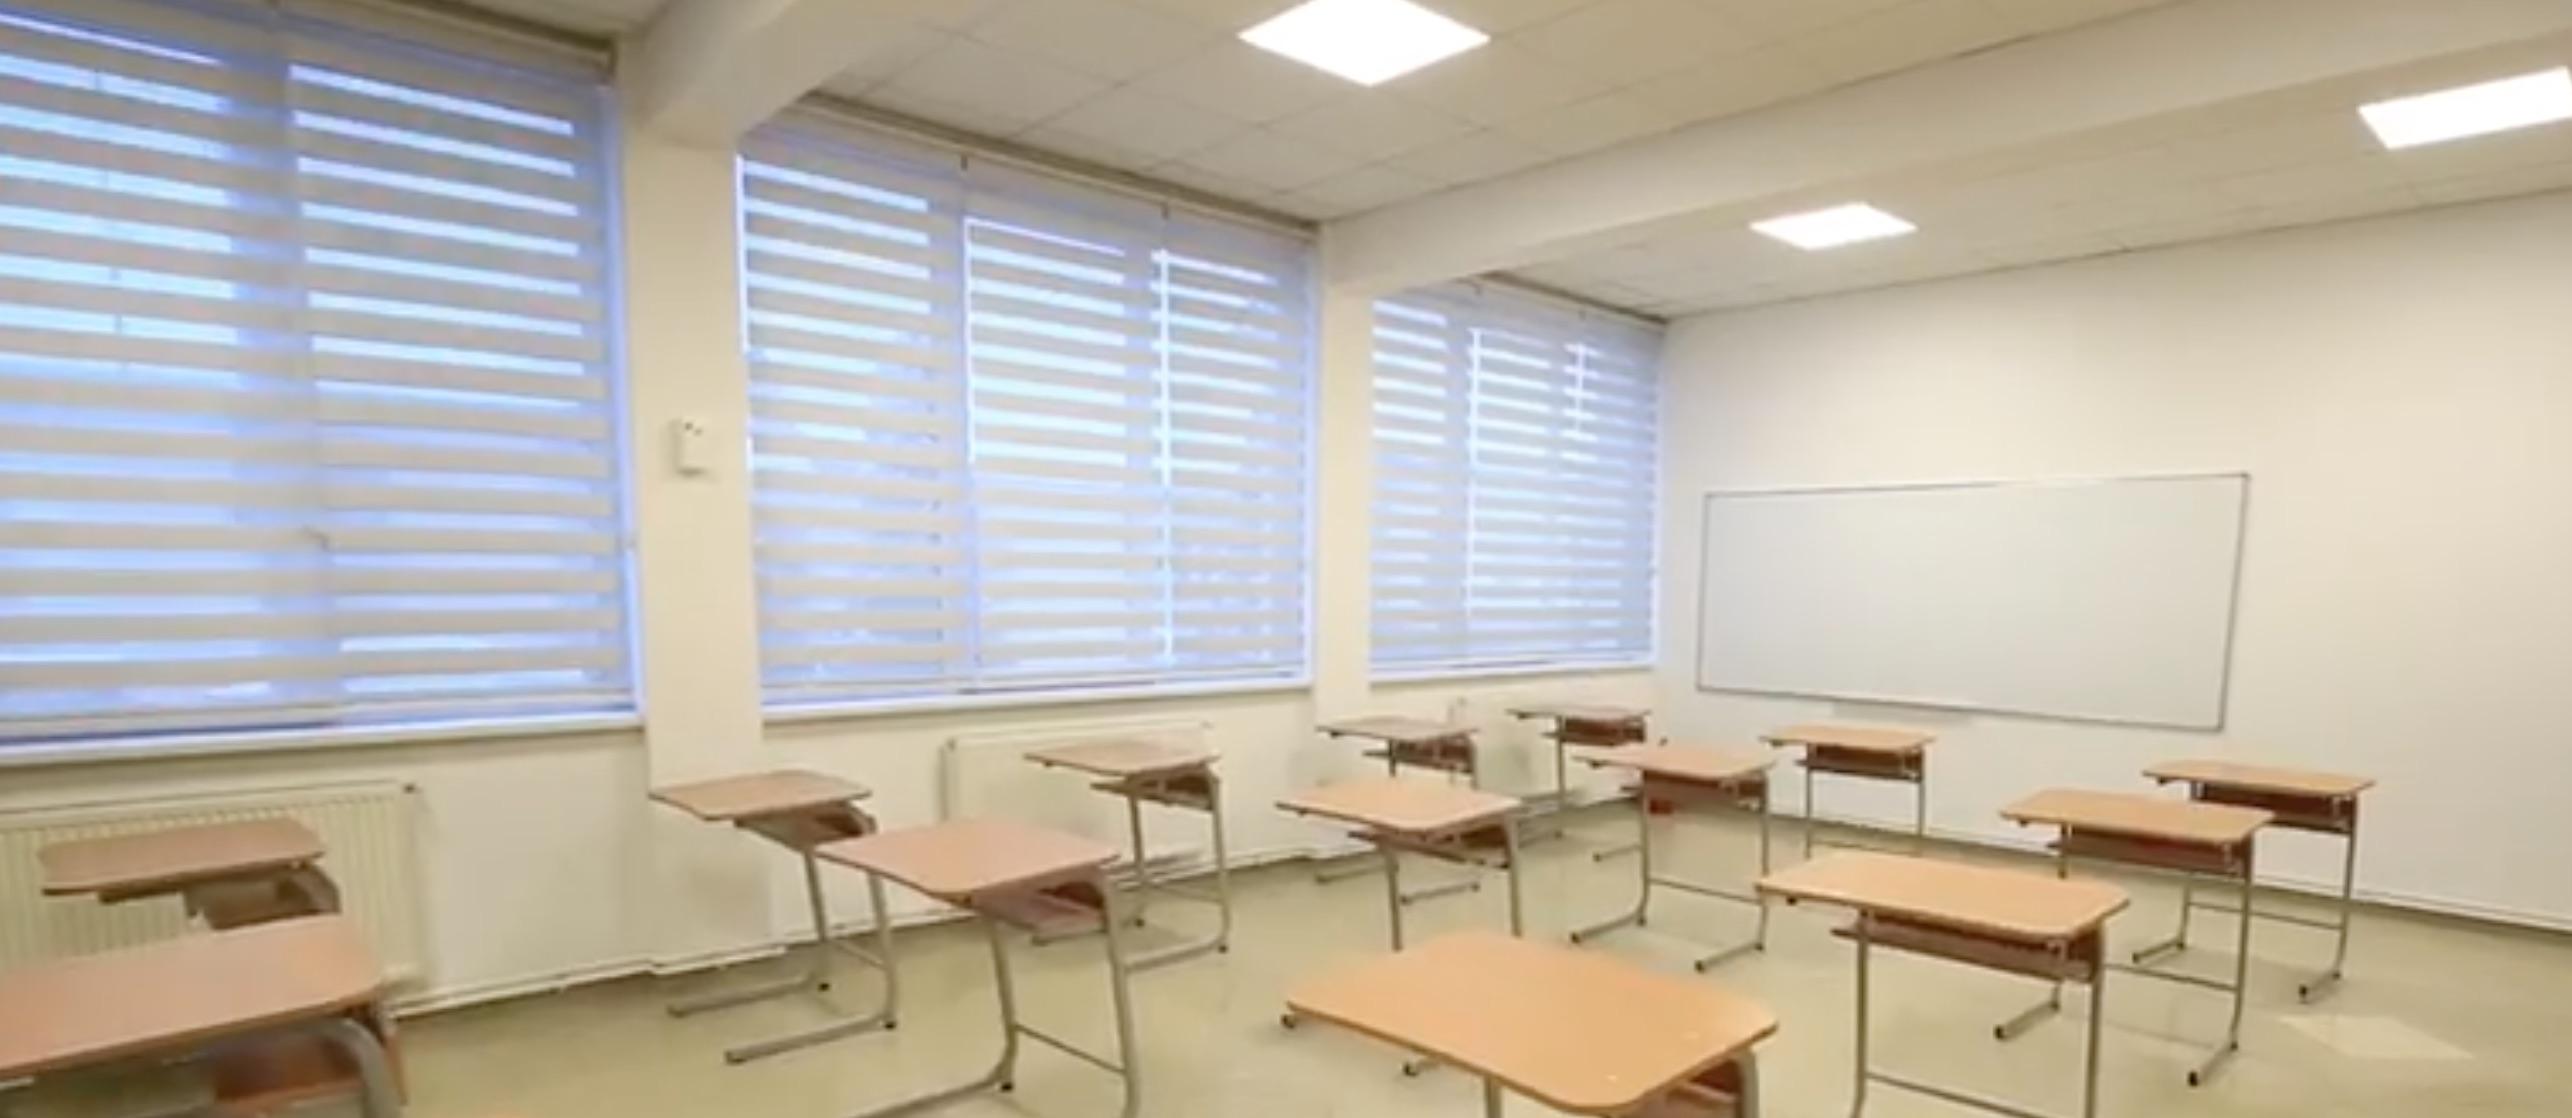 VIDEO Sediul primăriei, transformat în școală. Sală de sport și nouă săli de clasă noi, în Șelimbăr